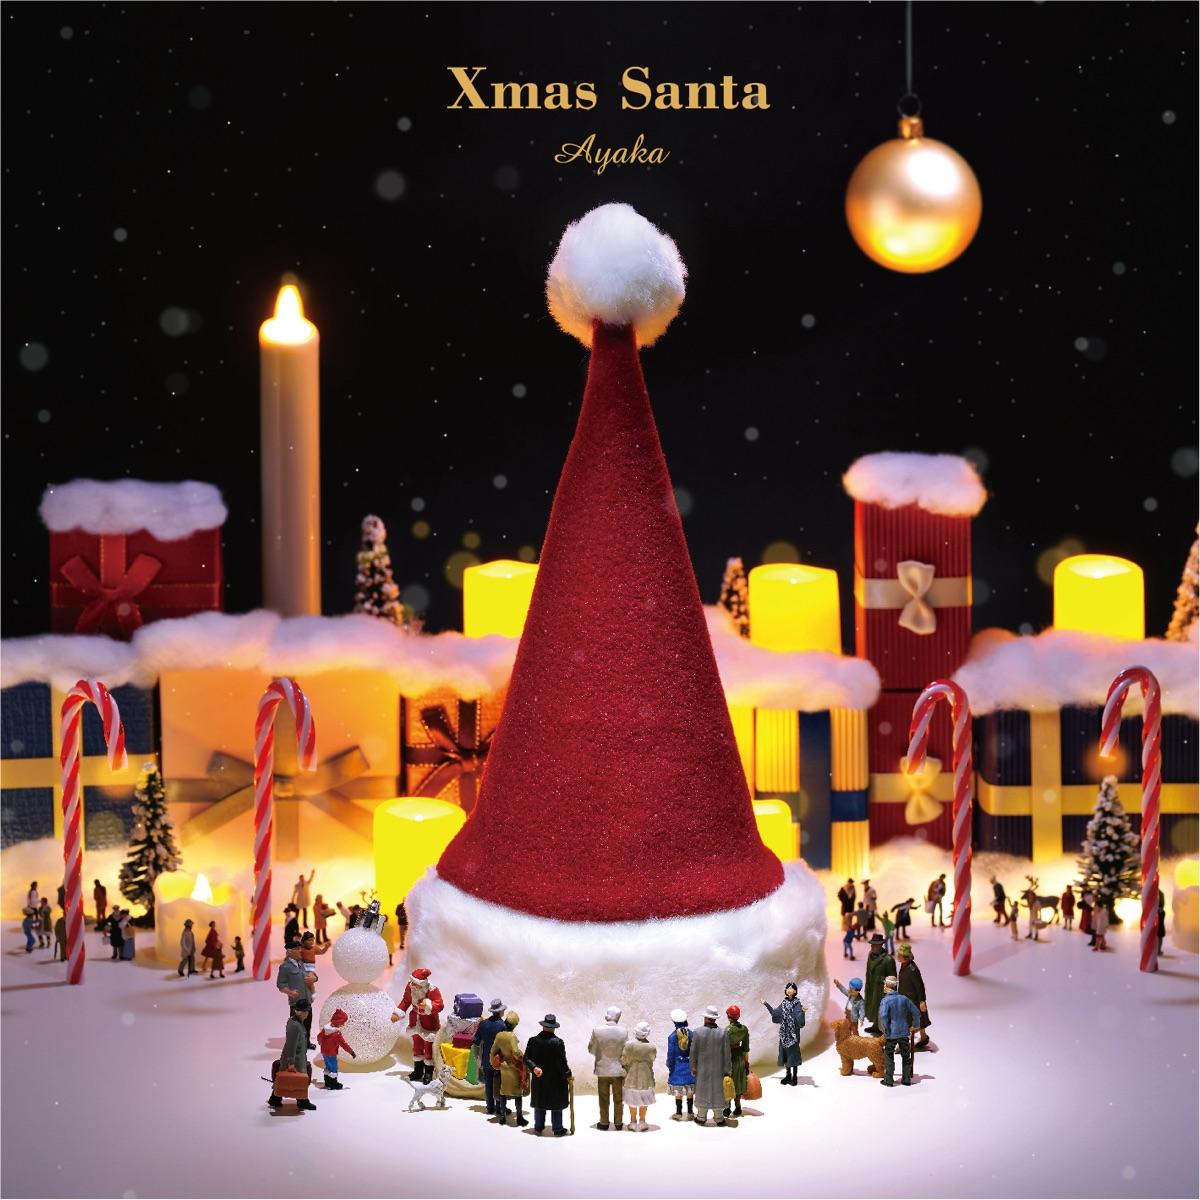 『絢香 - Xmas Santa』収録の『Xmas Santa』ジャケット